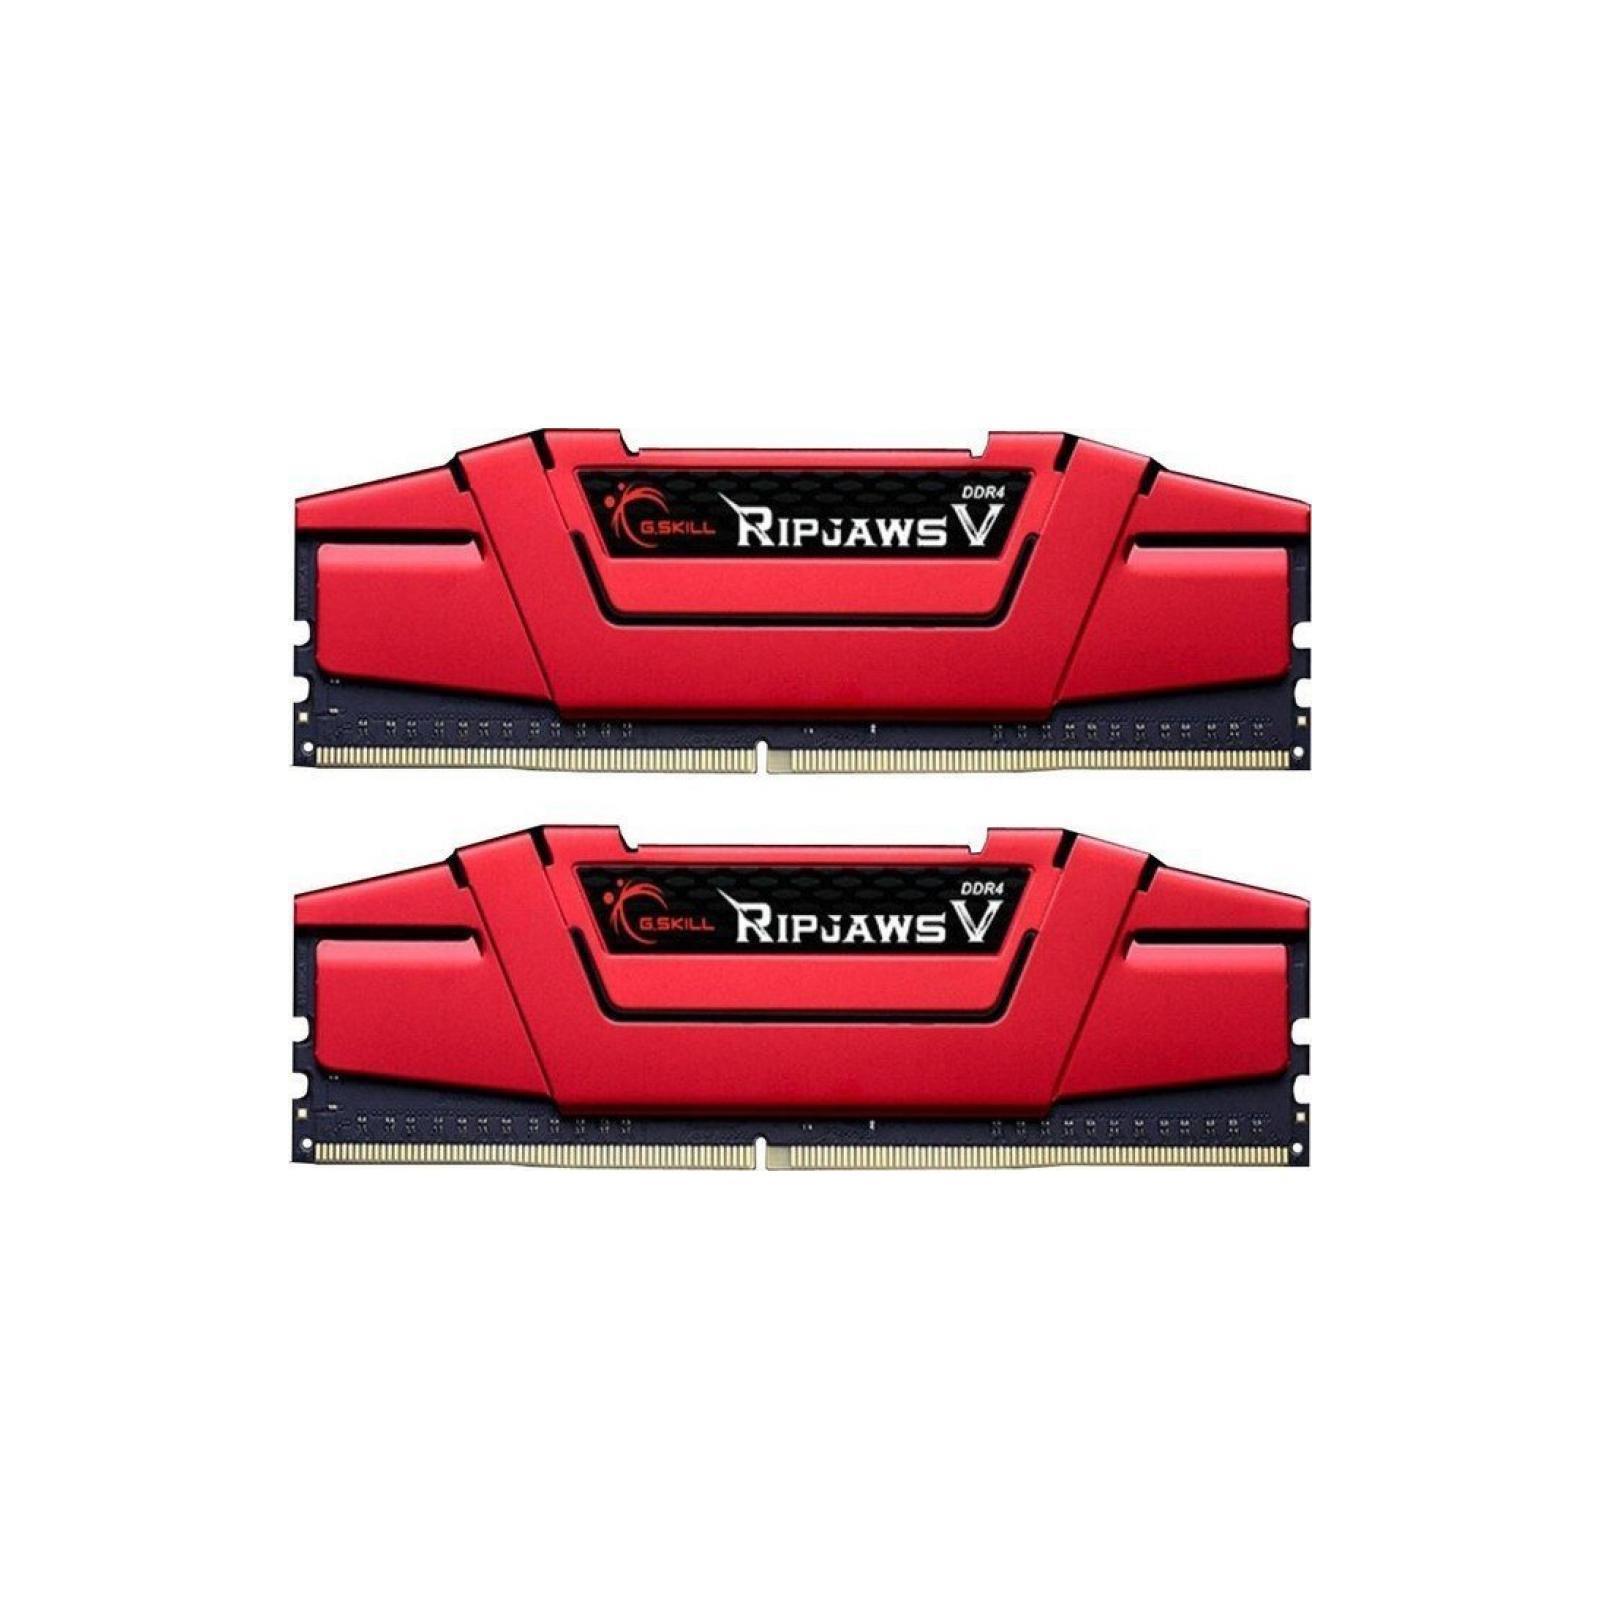 Модуль памяти для компьютера DDR4 8GB (2x4GB) 2666 MHz RIPJAWS V RED G.Skill (F4-2666C15D-8GVR)